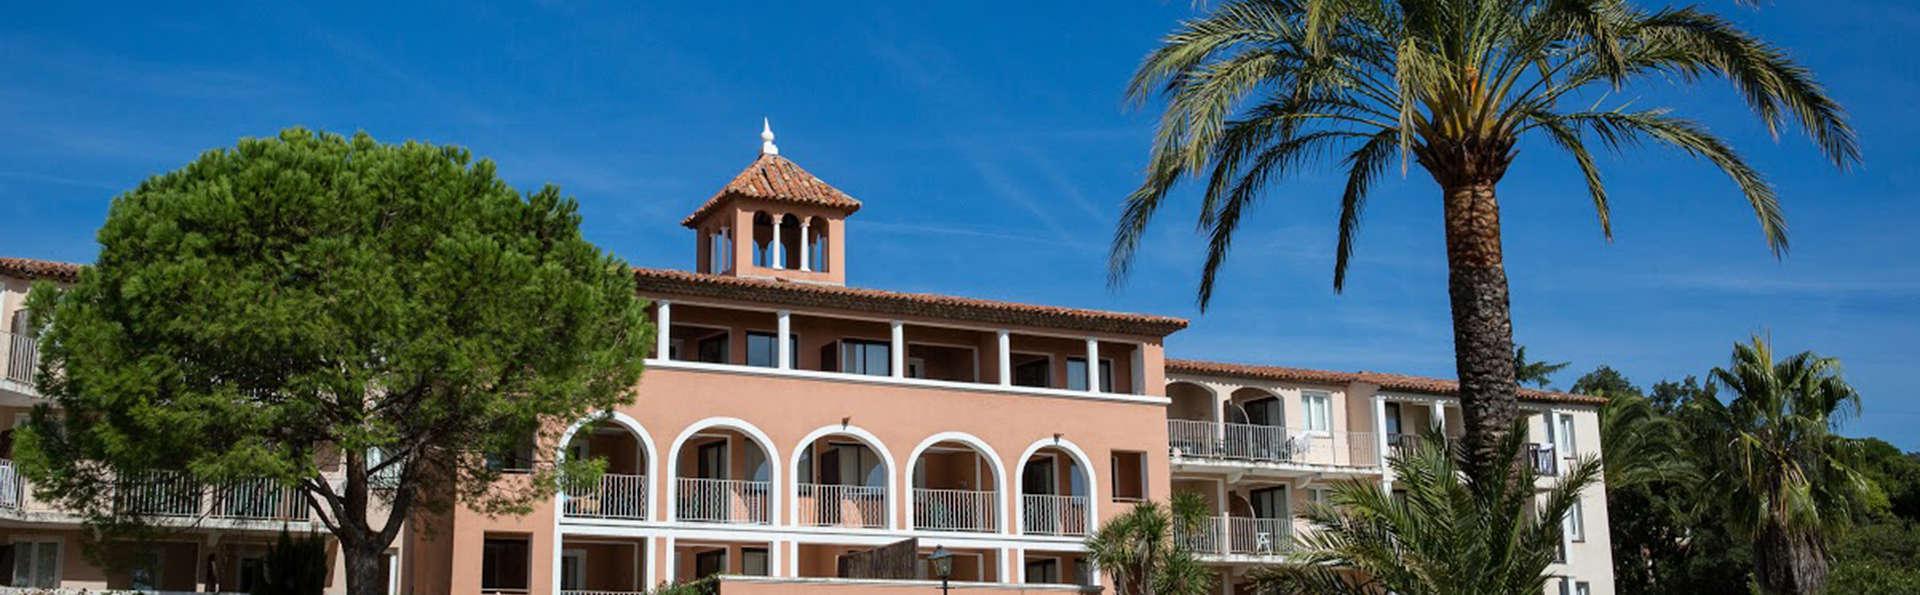 Hôtel Soleil de Saint Tropez - EDIT_front2.jpg